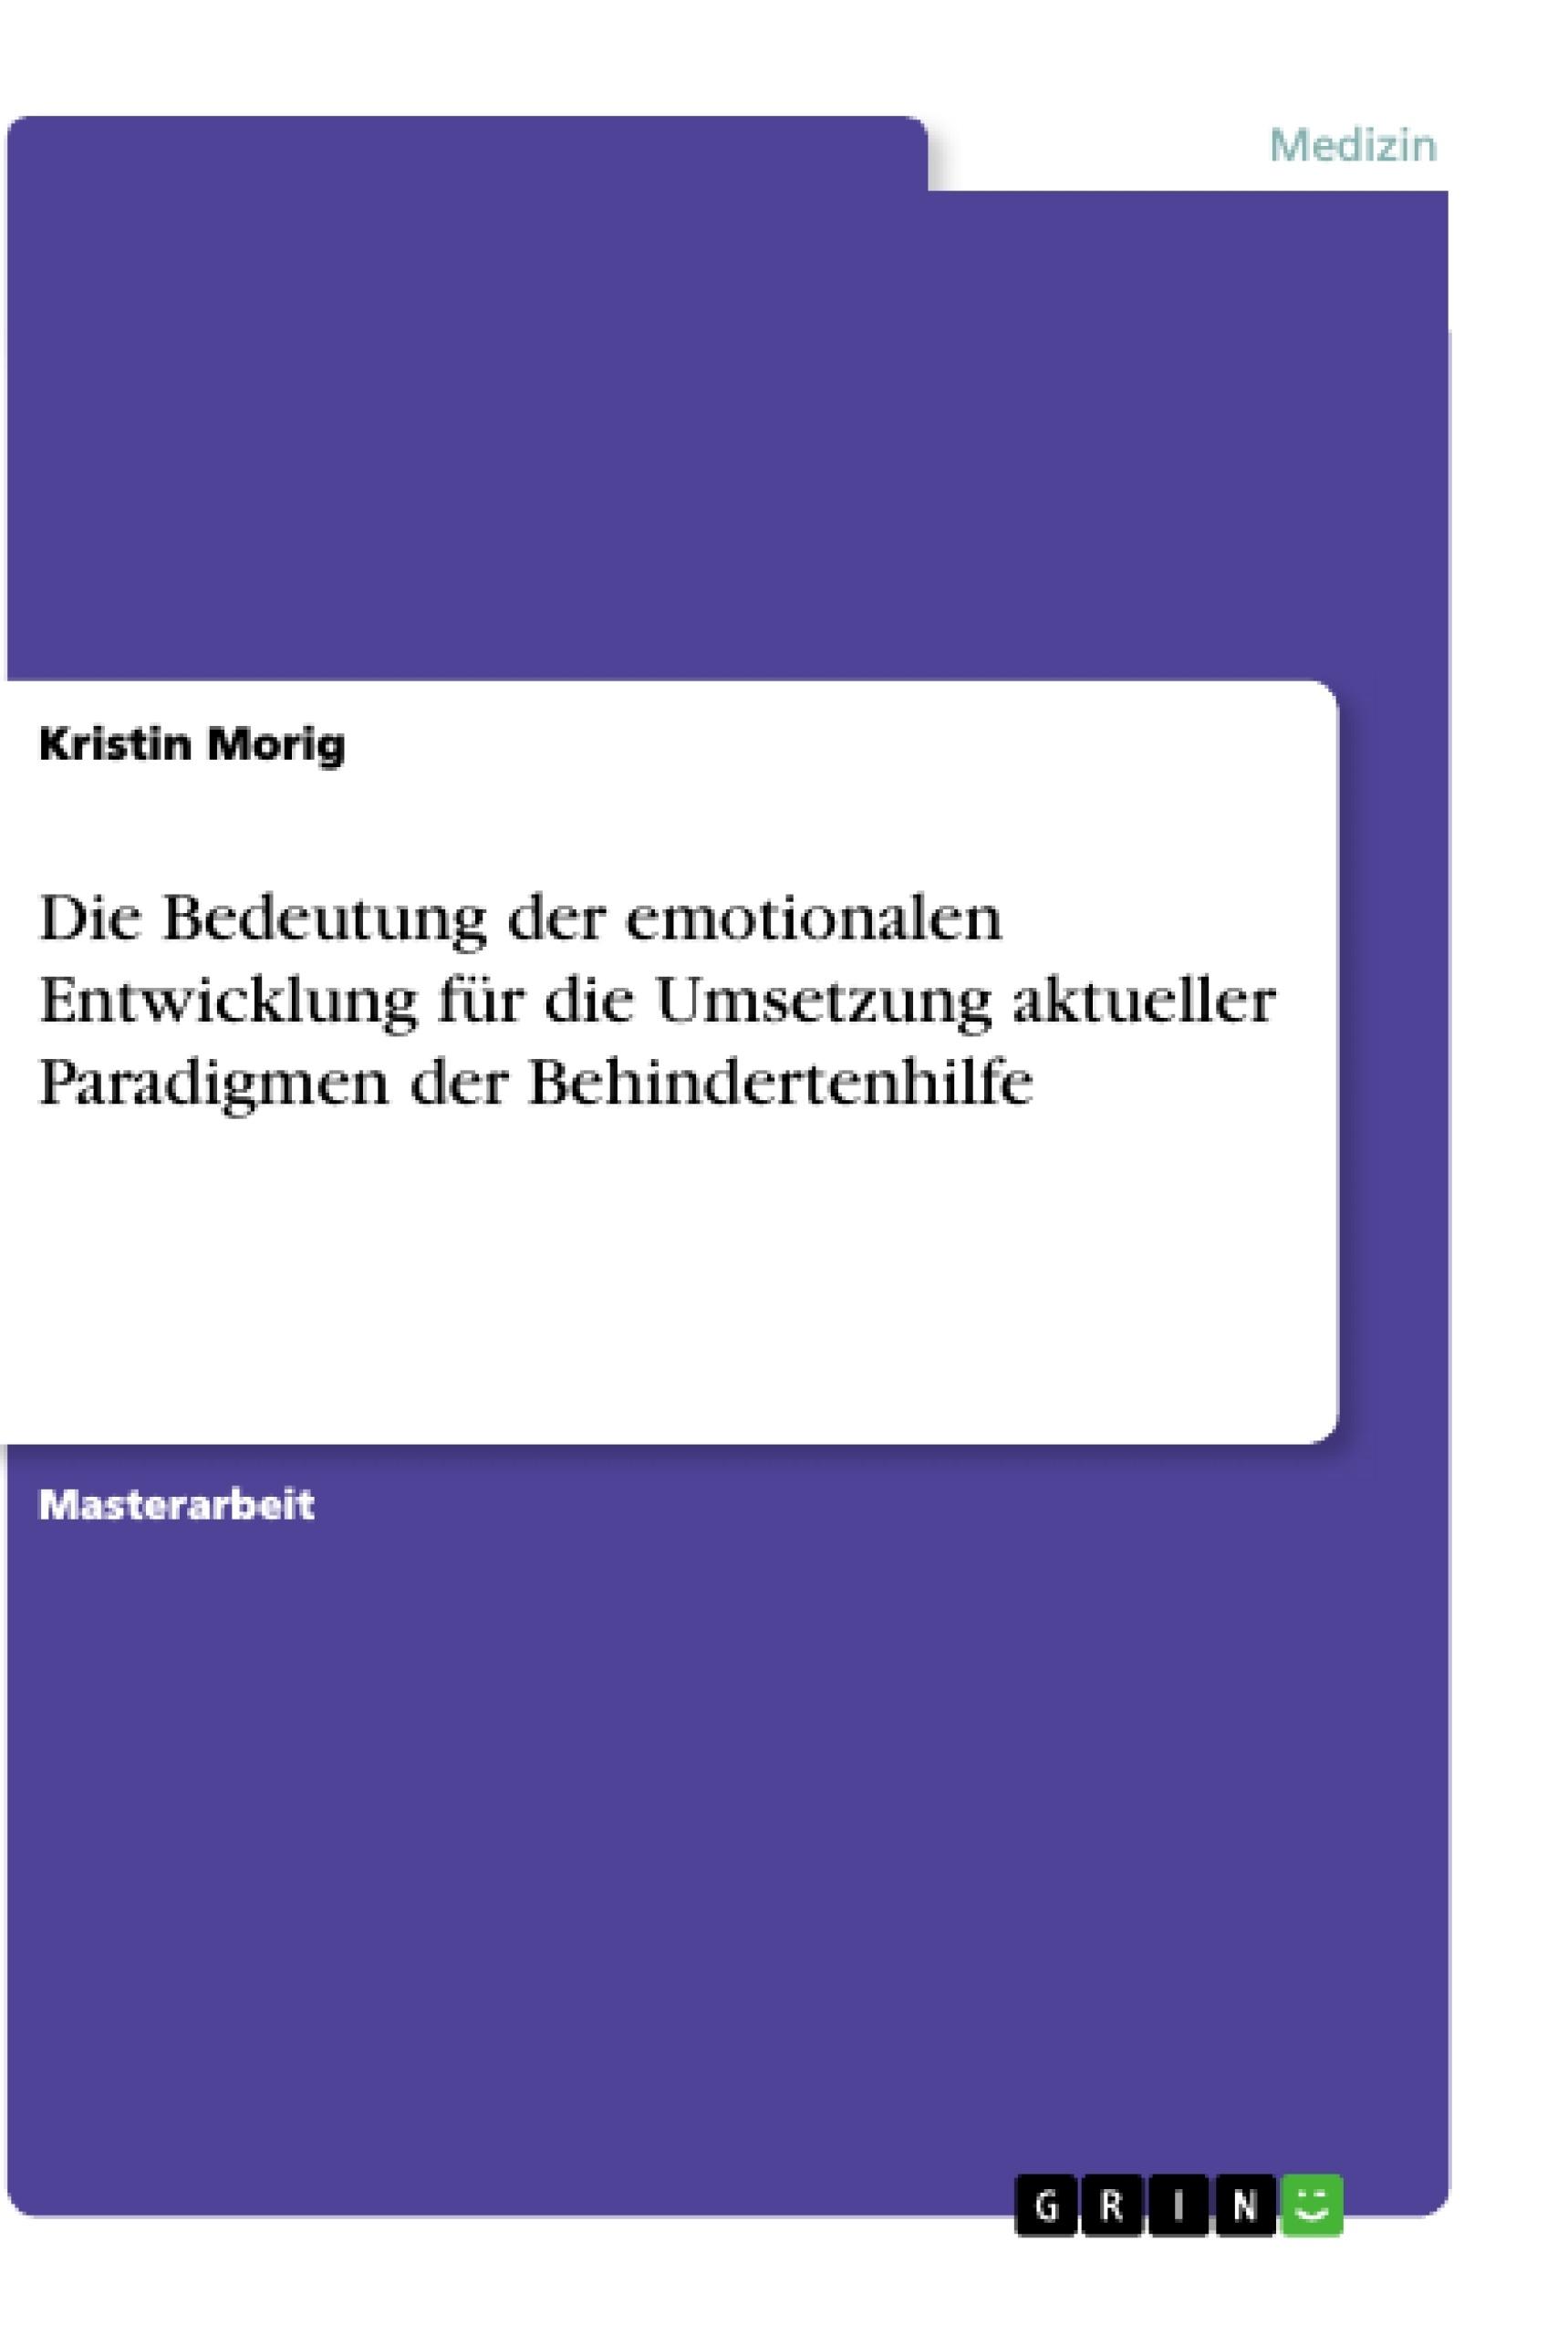 Titel: Die Bedeutung der emotionalen Entwicklung für die Umsetzung aktueller Paradigmen der Behindertenhilfe